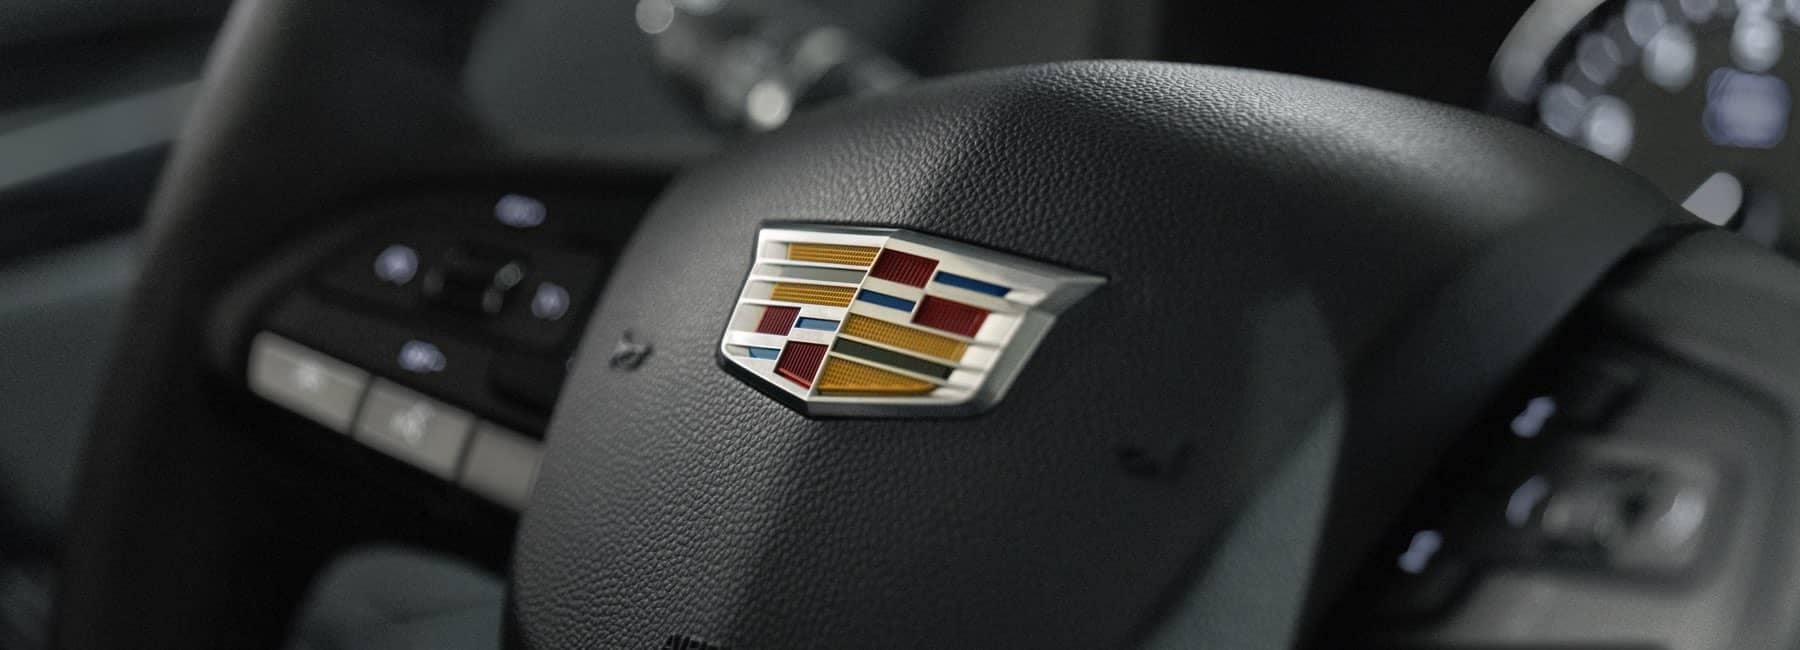 2020 Cadillac XT4 steering wheel